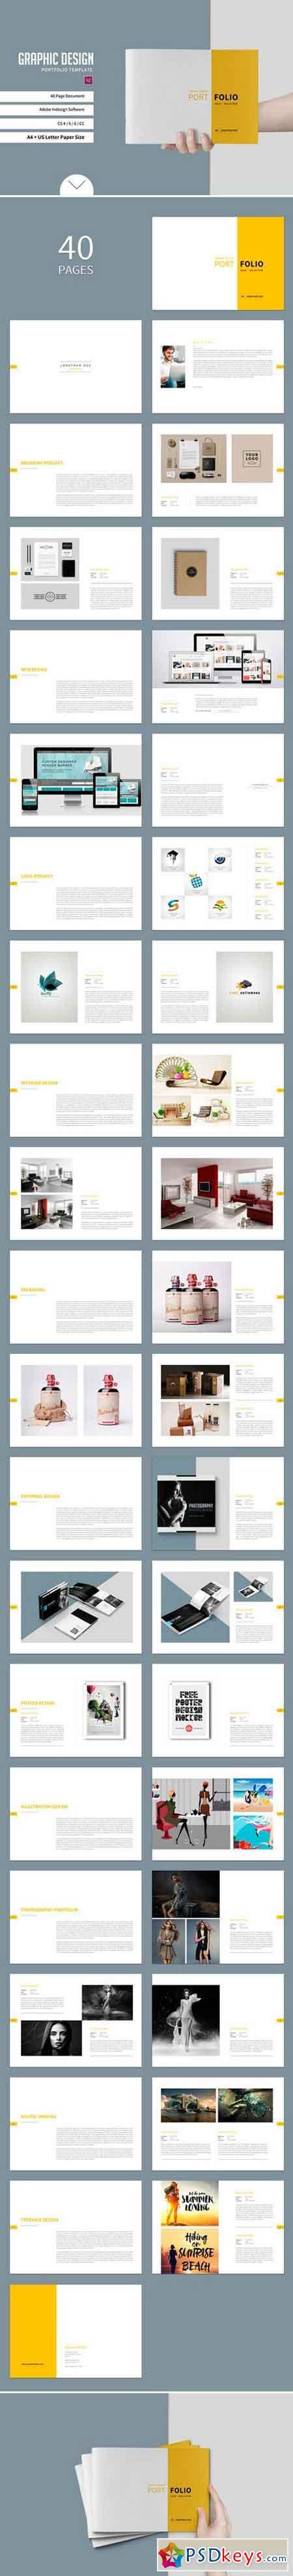 Graphic Design Portfolio Template 937841